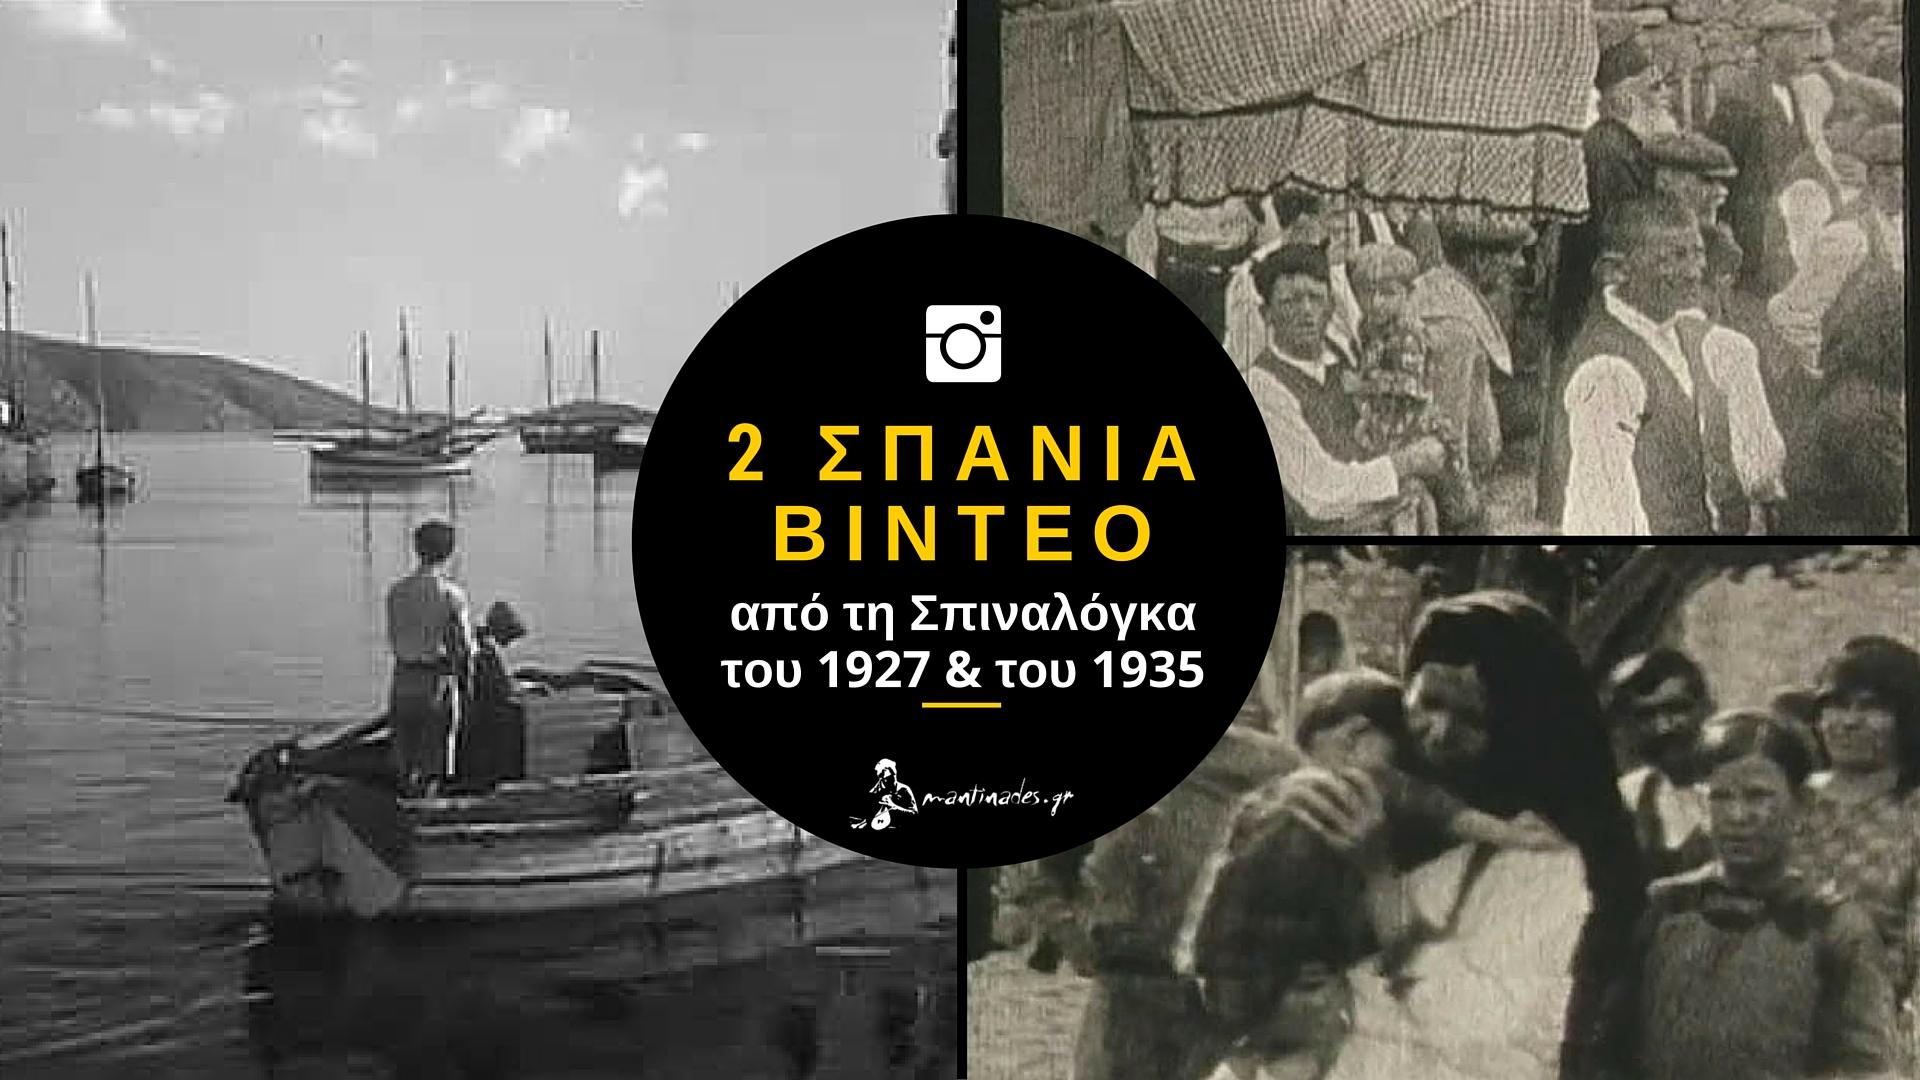 2 σπάνια βίντεο-ντοκουμέντα για την Σπιναλόγκα του 1927 και του 1935, για πρώτη φορά στη δημοσιότητα | Λαογραφία-Ιστορία | Κρήτη & Κρητικοί